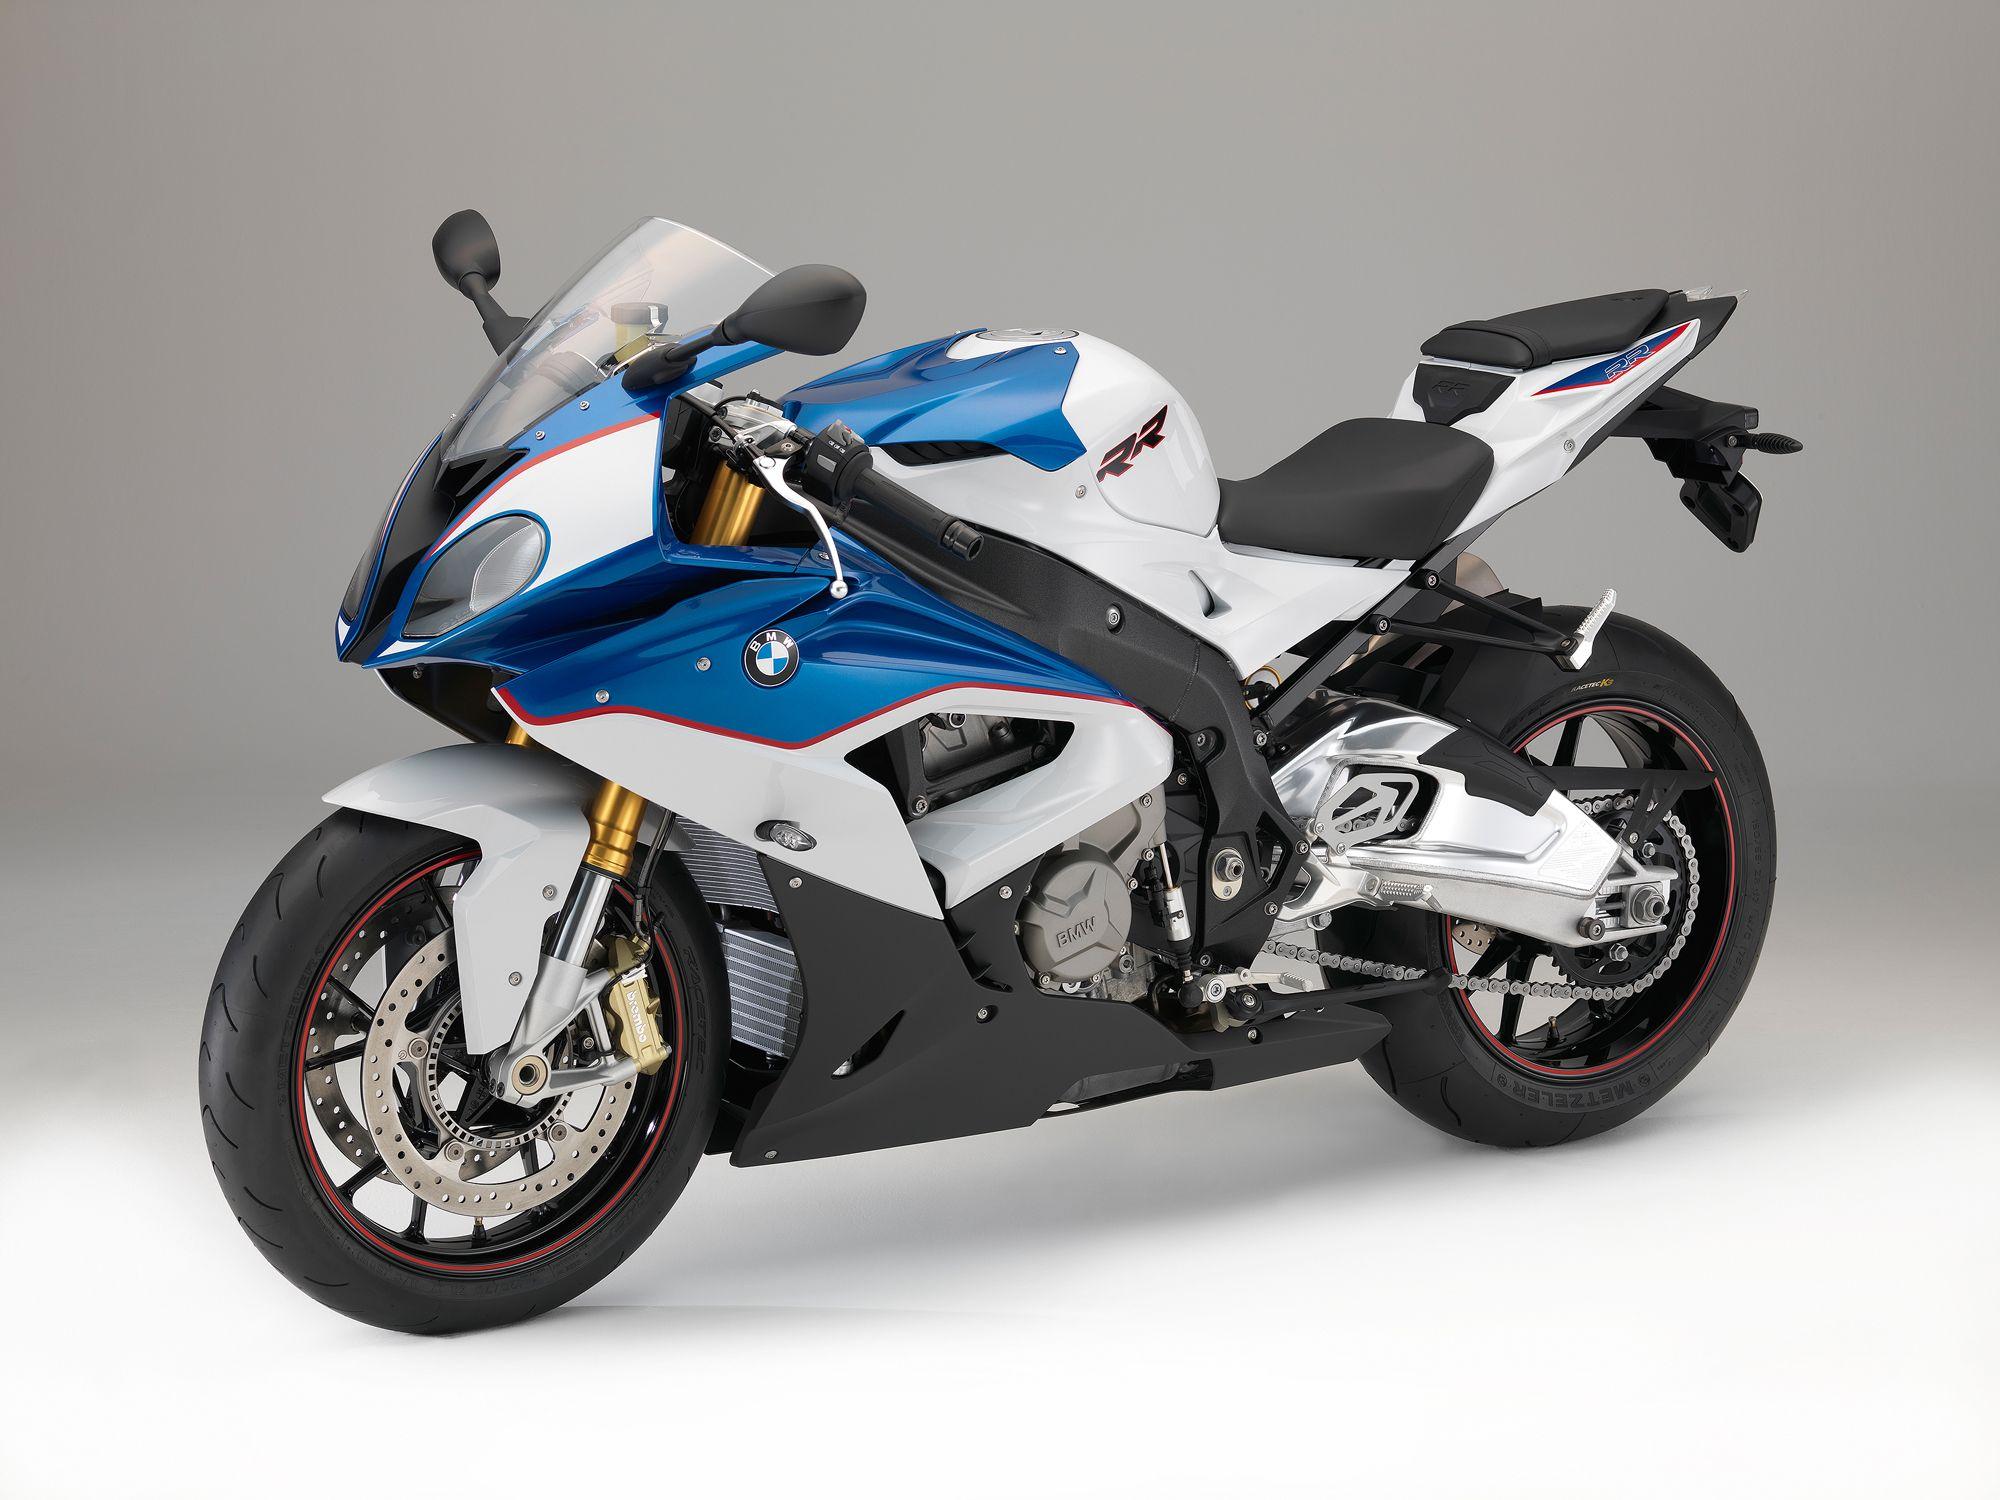 Power Motorrad We Dream Motorcycles We Live Motorcycles Bmw S1000rr Motocicletas Bmw Motos Esportivas